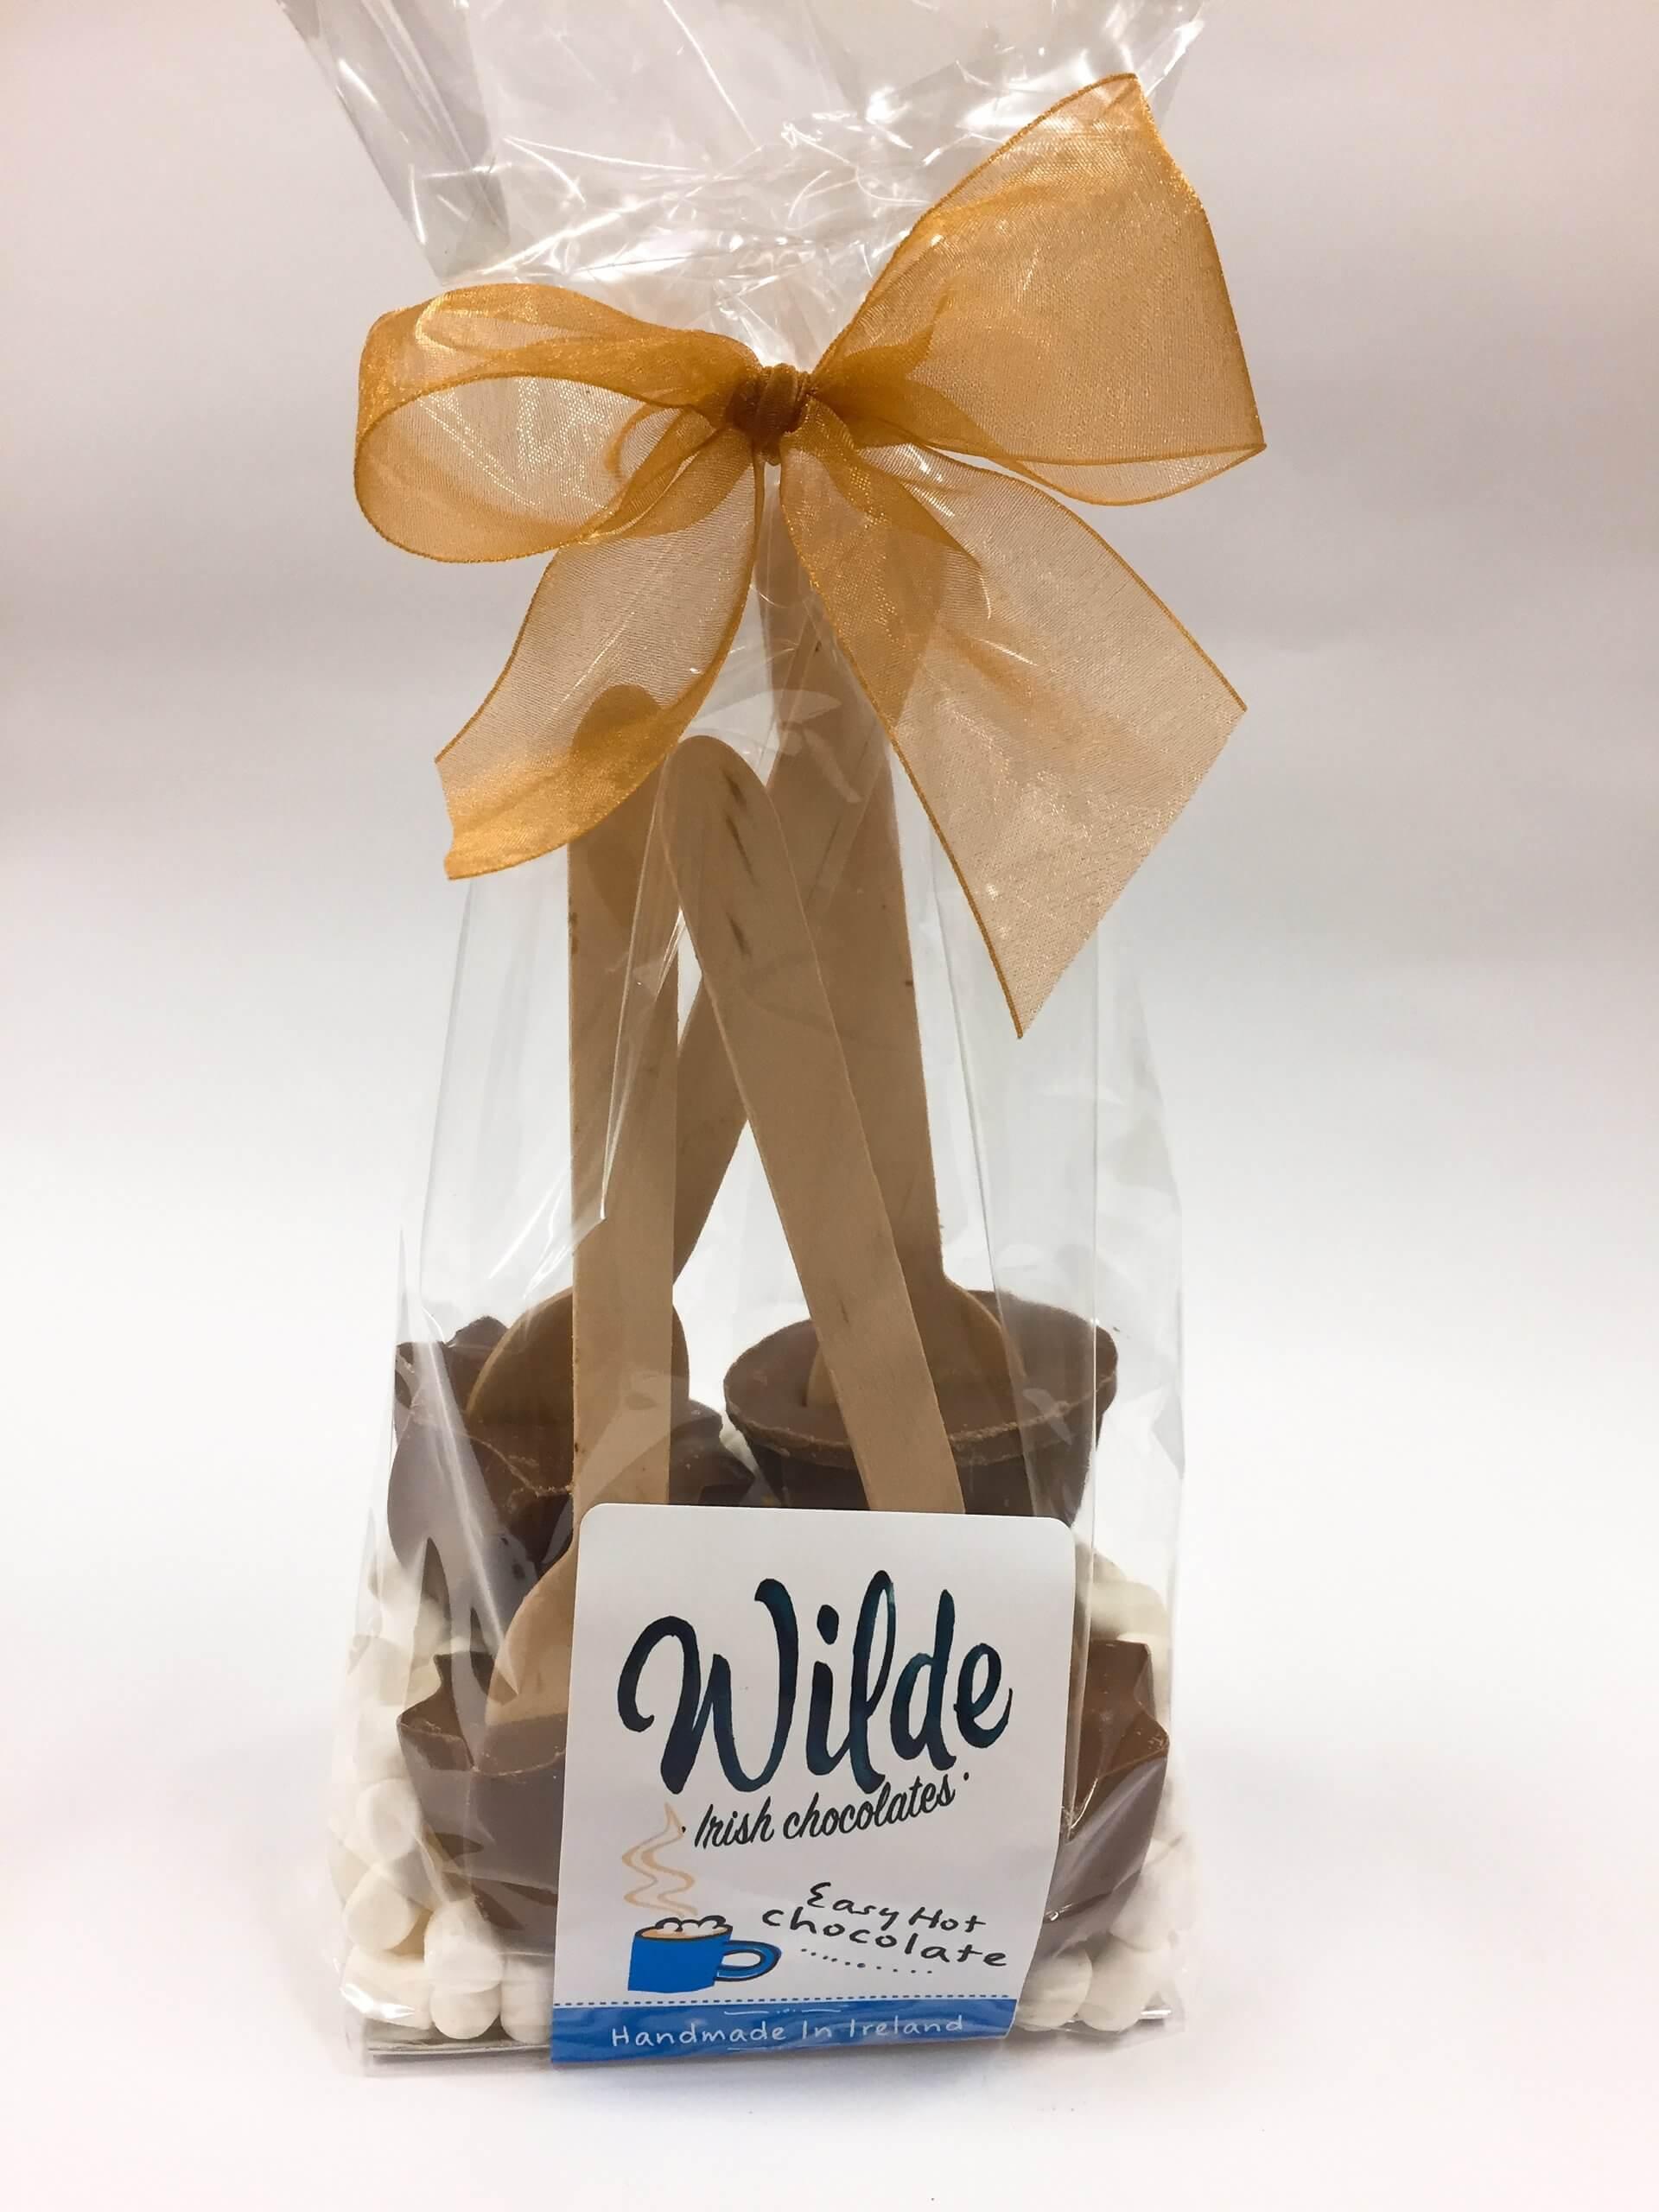 Easy Hot Chocolate - homemade in Ireland - Wilde Irish Chocolates